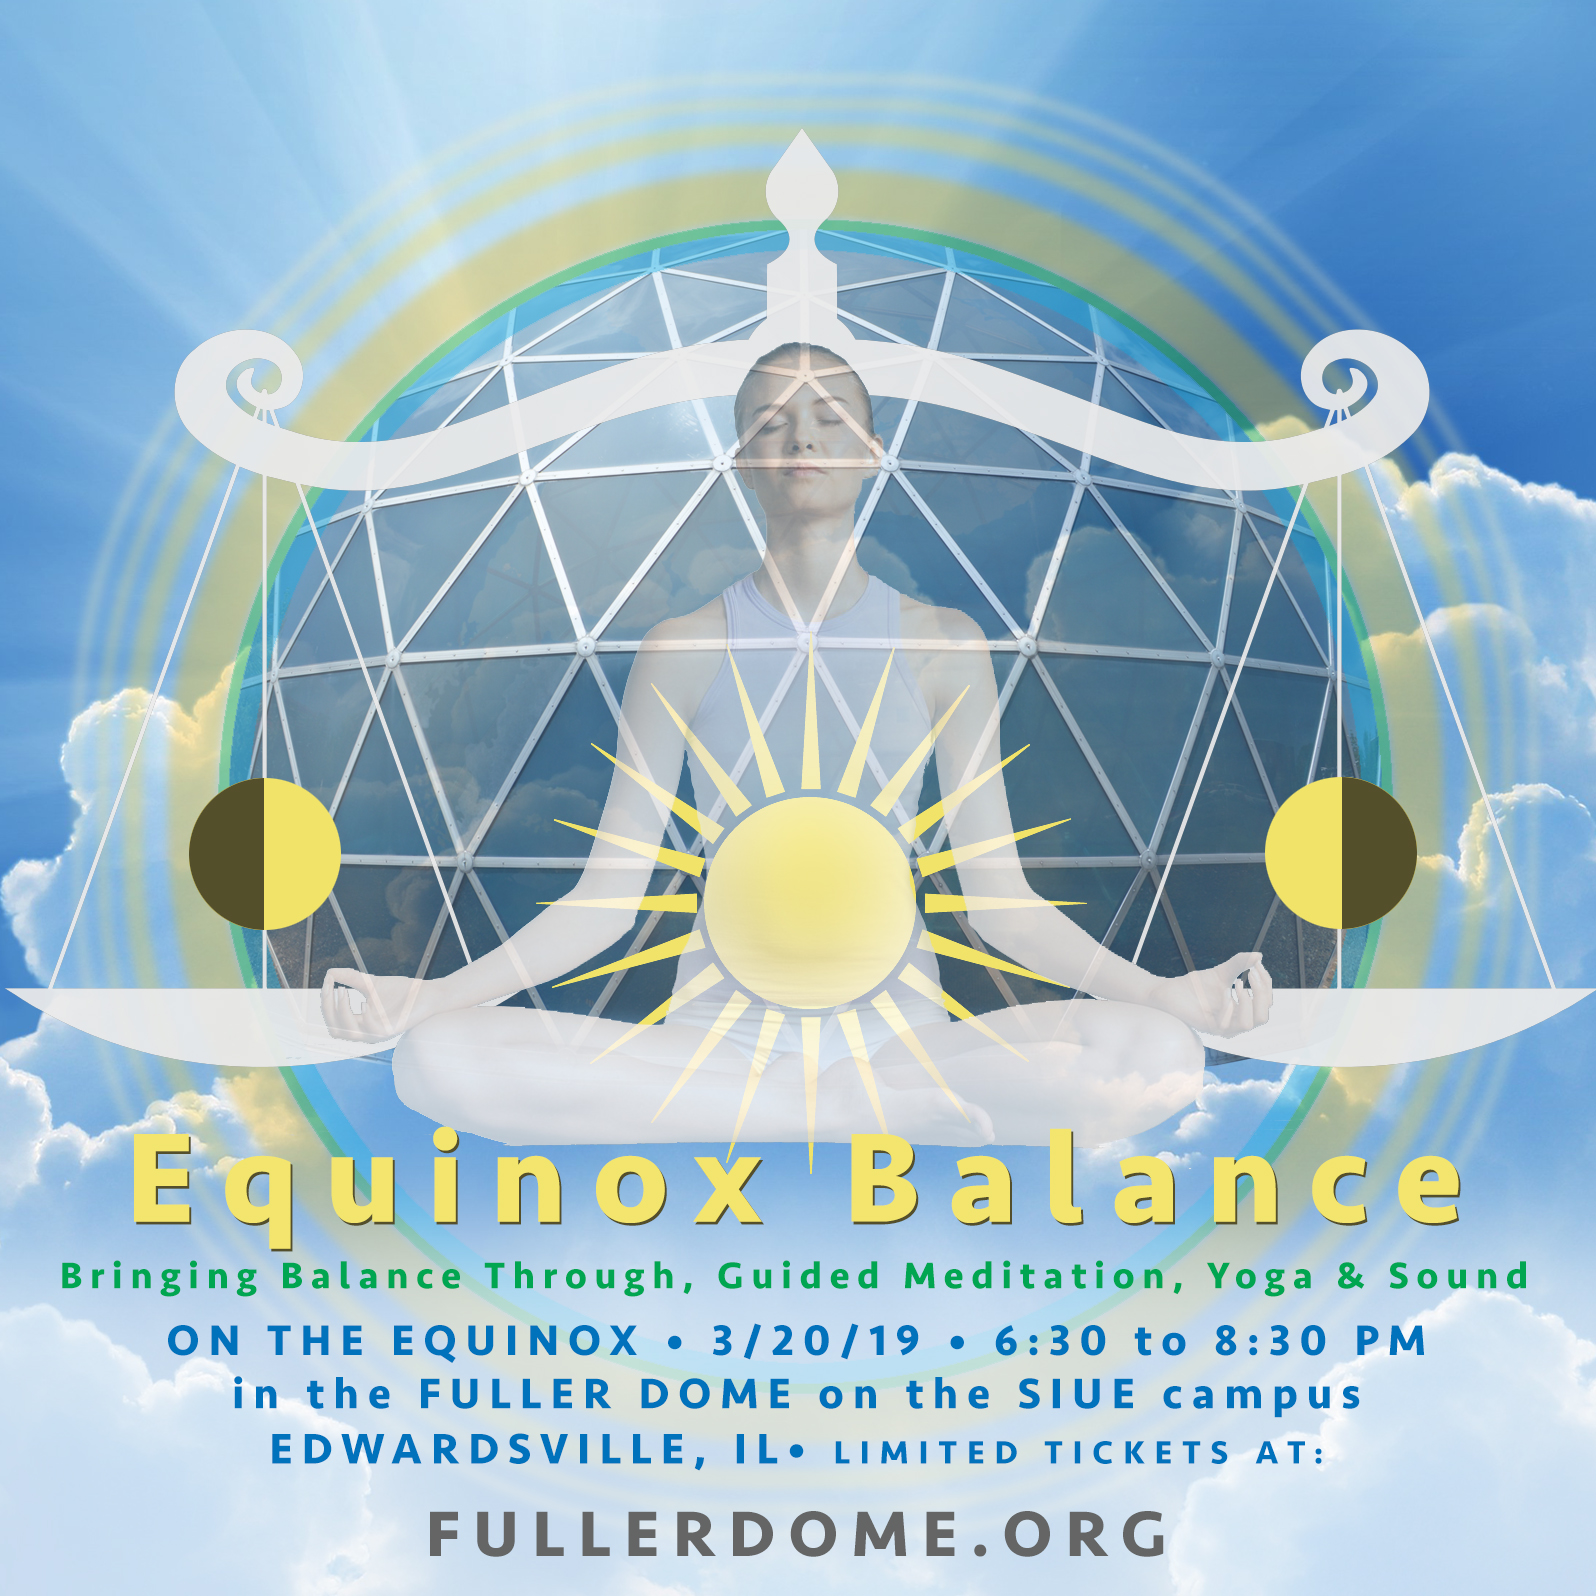 Equinox 2019 Fuller Dome.jpg